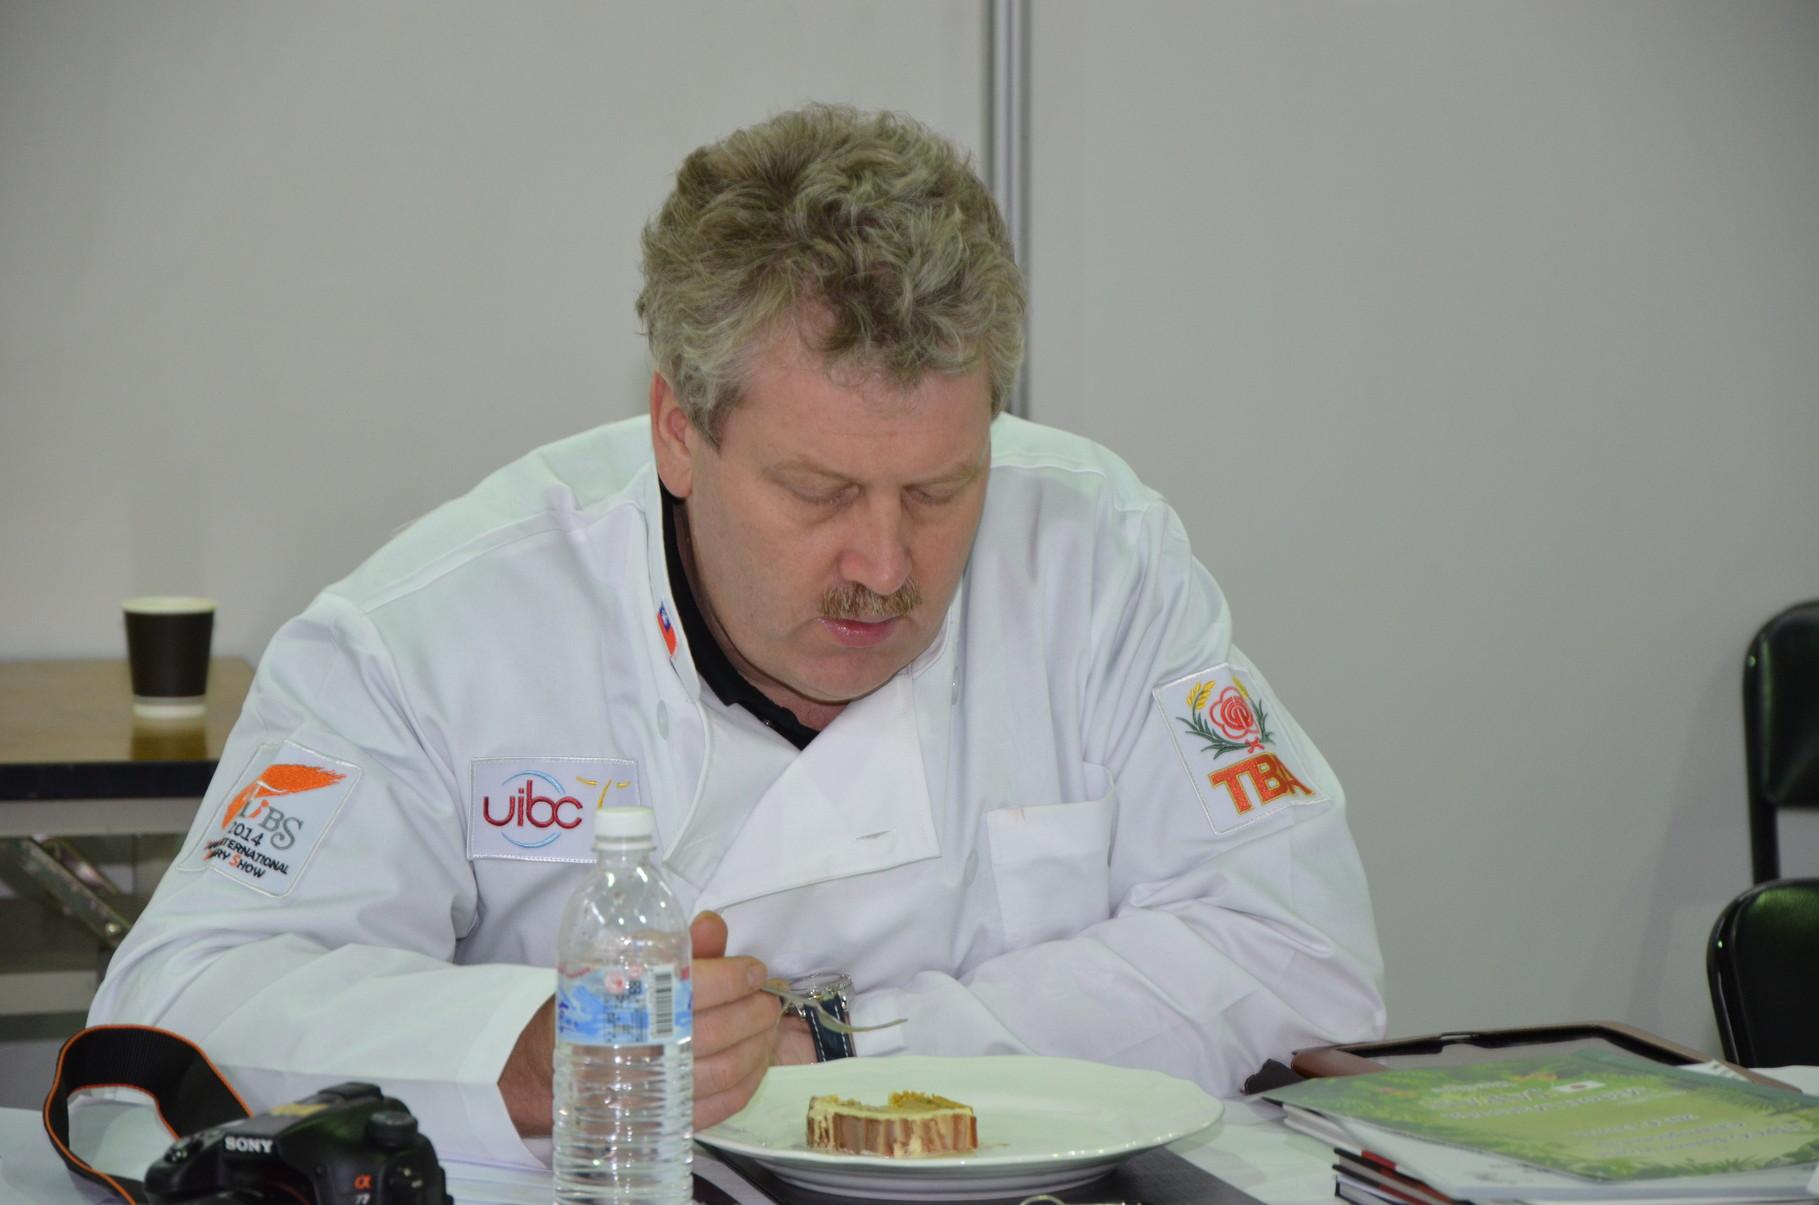 Stefan Romang das Schweizer Jury-Mitglied